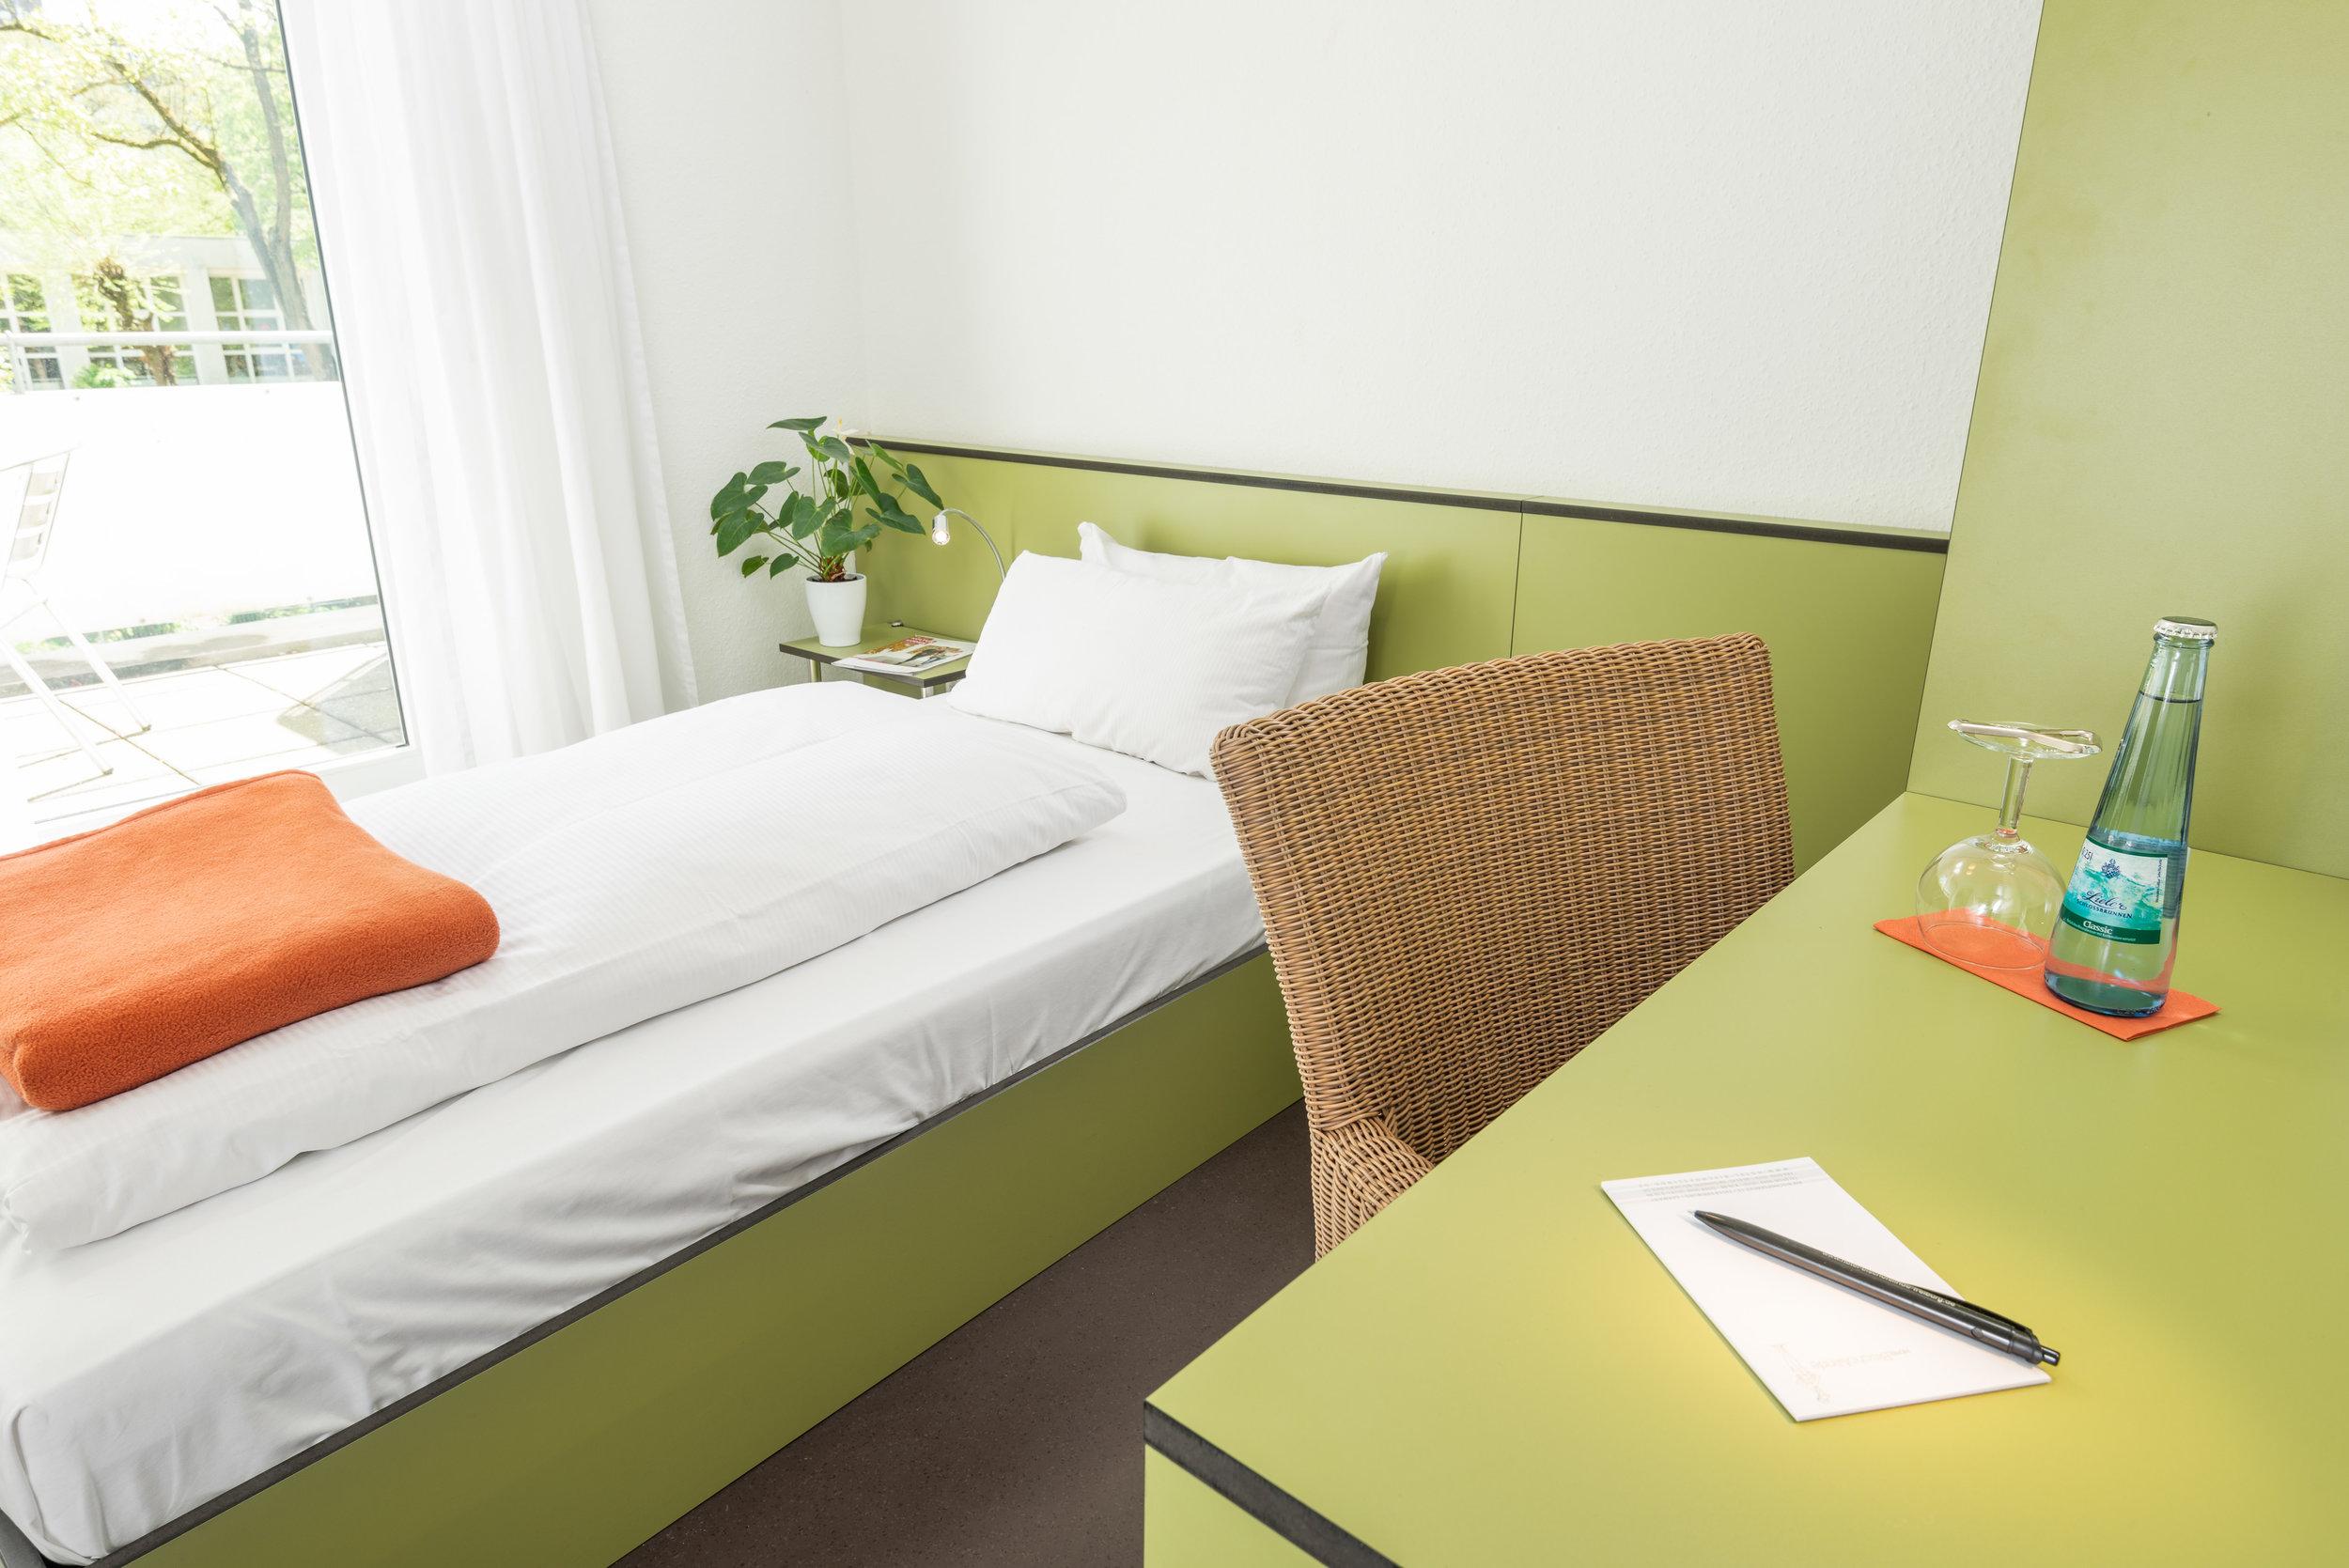 Hotel Bischofslinde - 180417 - 0524-Edit.jpg